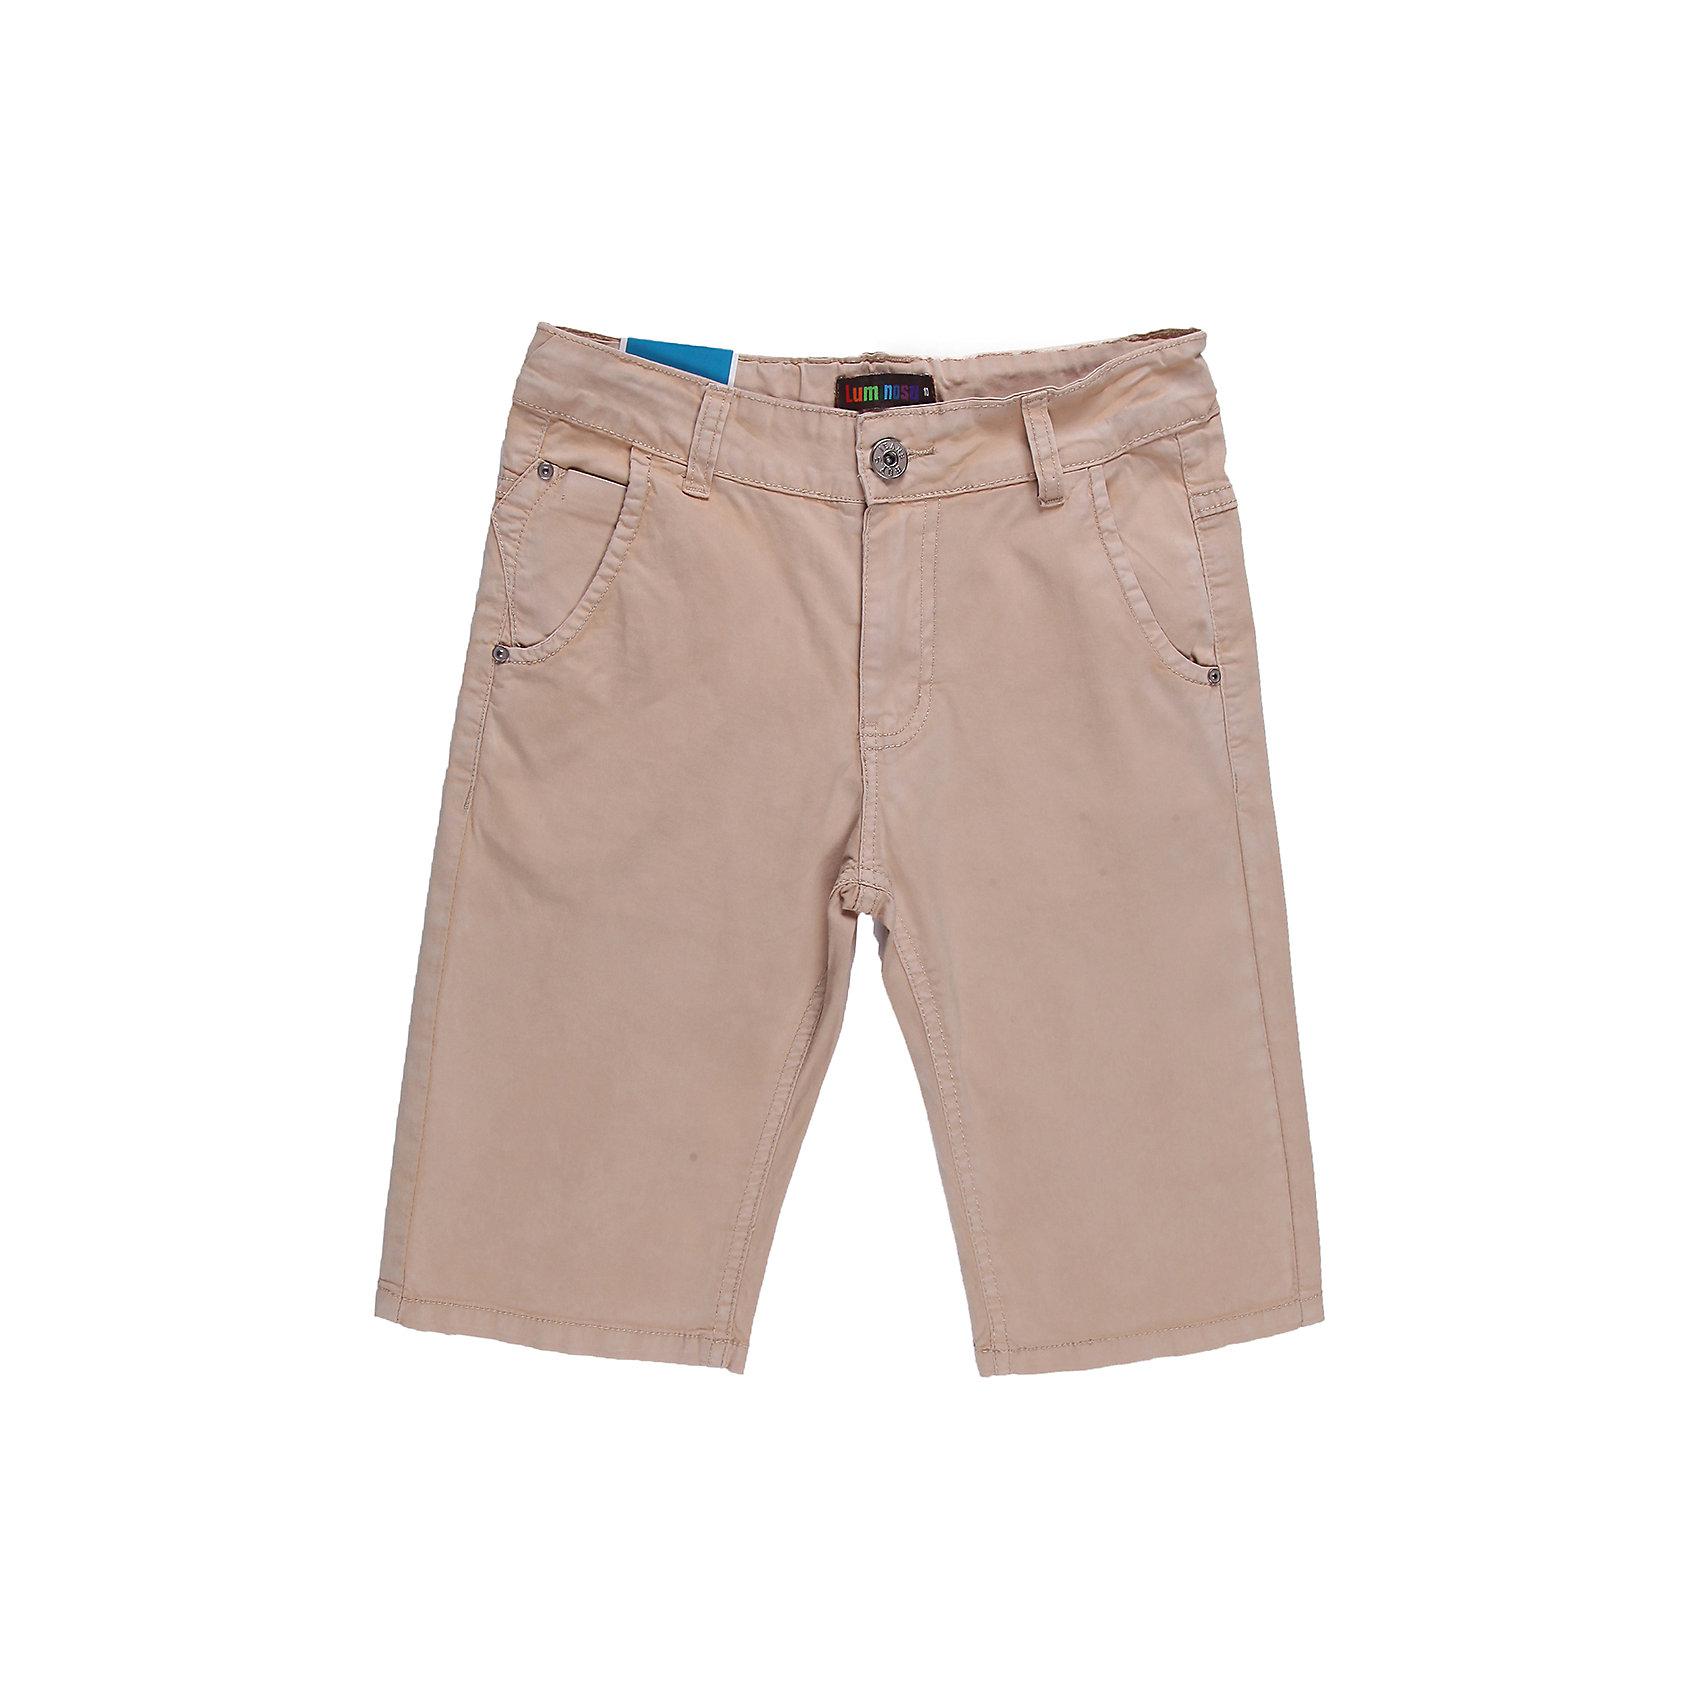 Бриджи для мальчика LuminosoСтильные джинсовые шорты на мальчика, четыре кармана, отличный вариант на каждый день, декорированы потертостями.<br>Состав:<br>98% хлопок 2%эластан<br><br>Ширина мм: 191<br>Глубина мм: 10<br>Высота мм: 175<br>Вес г: 273<br>Цвет: синий<br>Возраст от месяцев: 108<br>Возраст до месяцев: 120<br>Пол: Мужской<br>Возраст: Детский<br>Размер: 140,164,134,158,152,146<br>SKU: 4523342